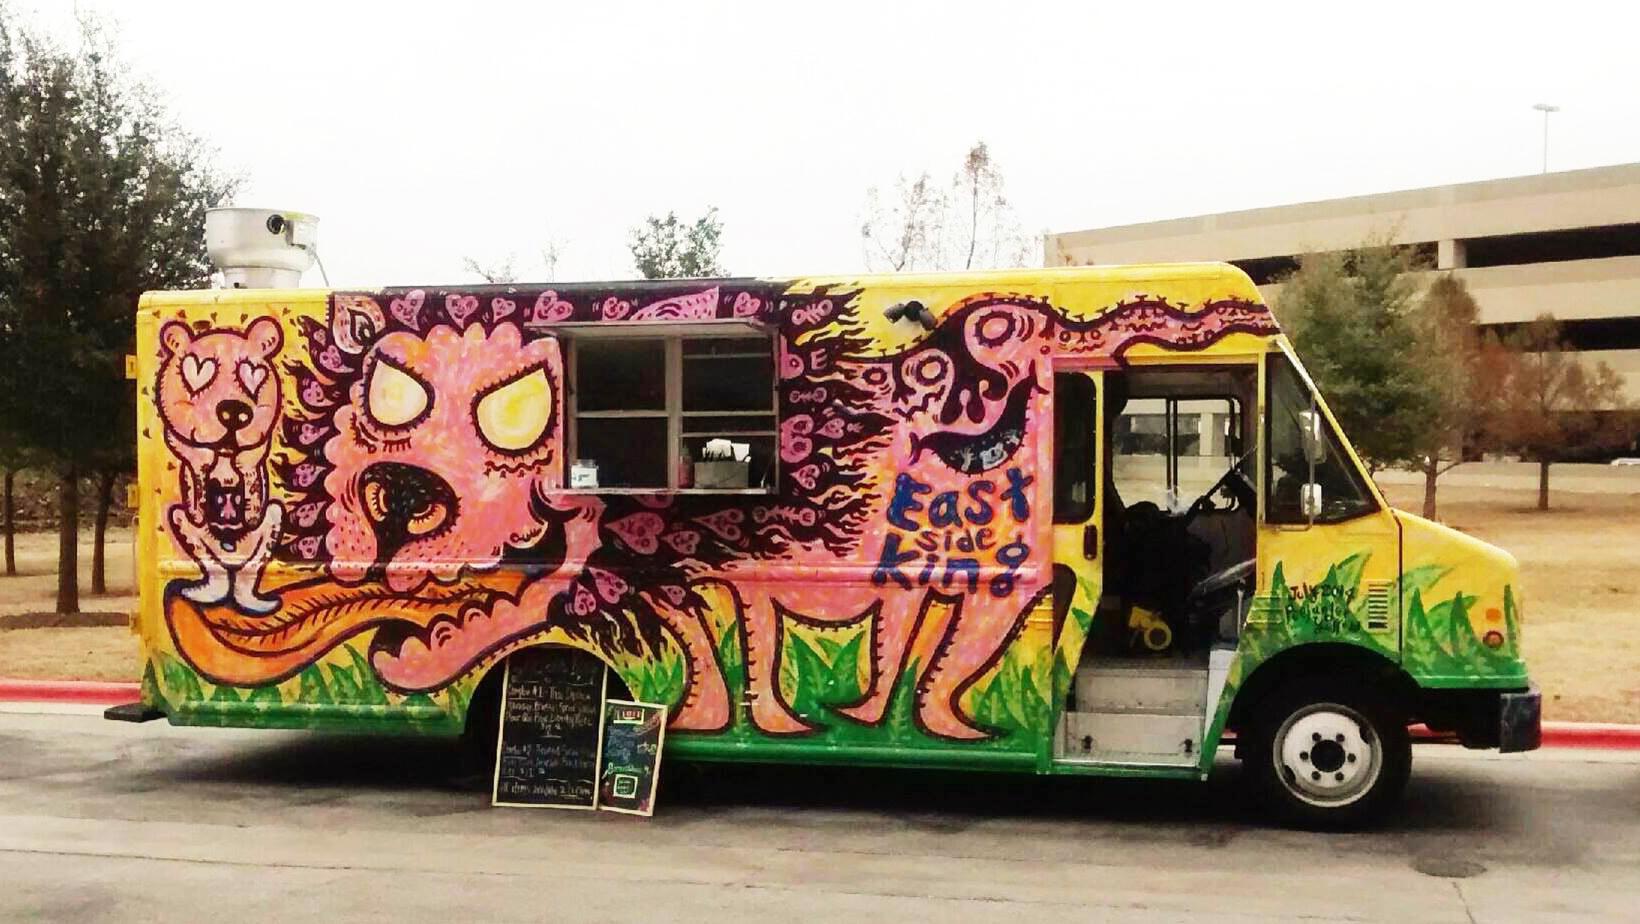 East Side King's truck